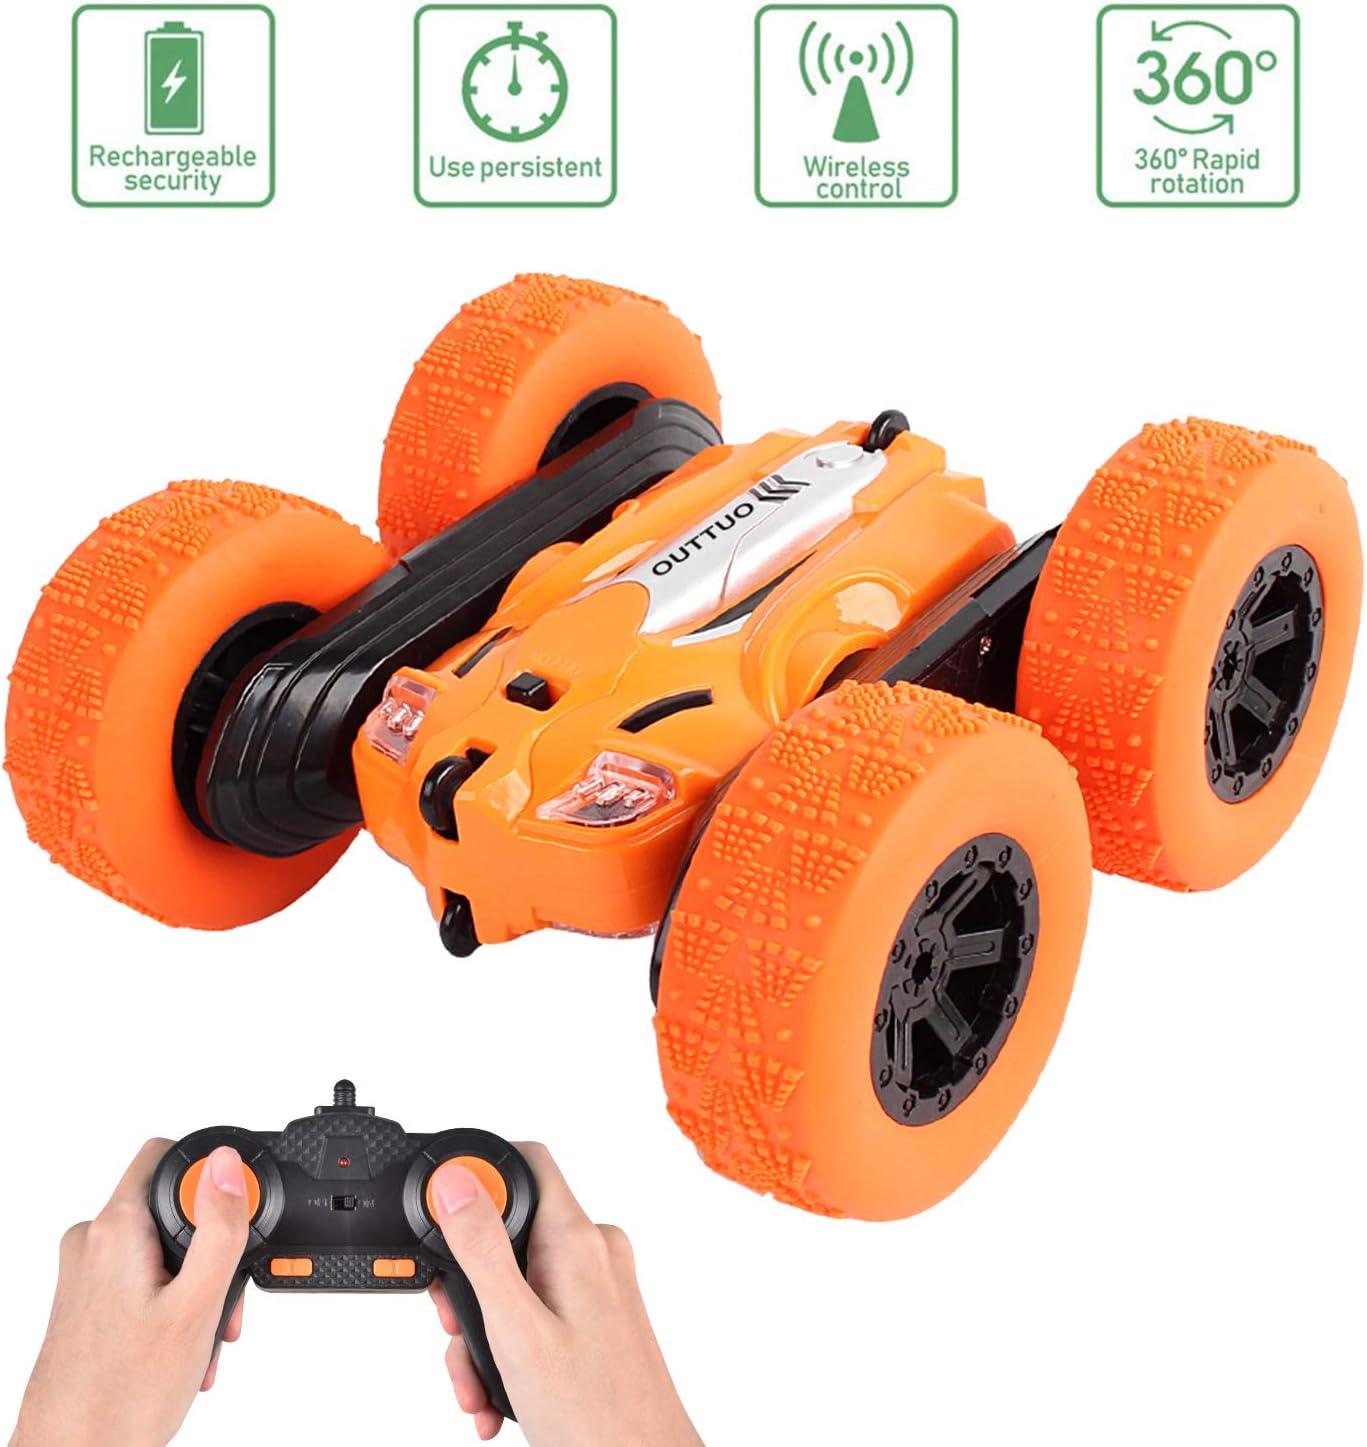 OUTTUO 1:28 Coche Teledirigido, 2.4GHz Stunt RC Car, Doble Lado Rotación de 360 Grados de Alta Velocidad, Juguetes para Niños(Naranja)